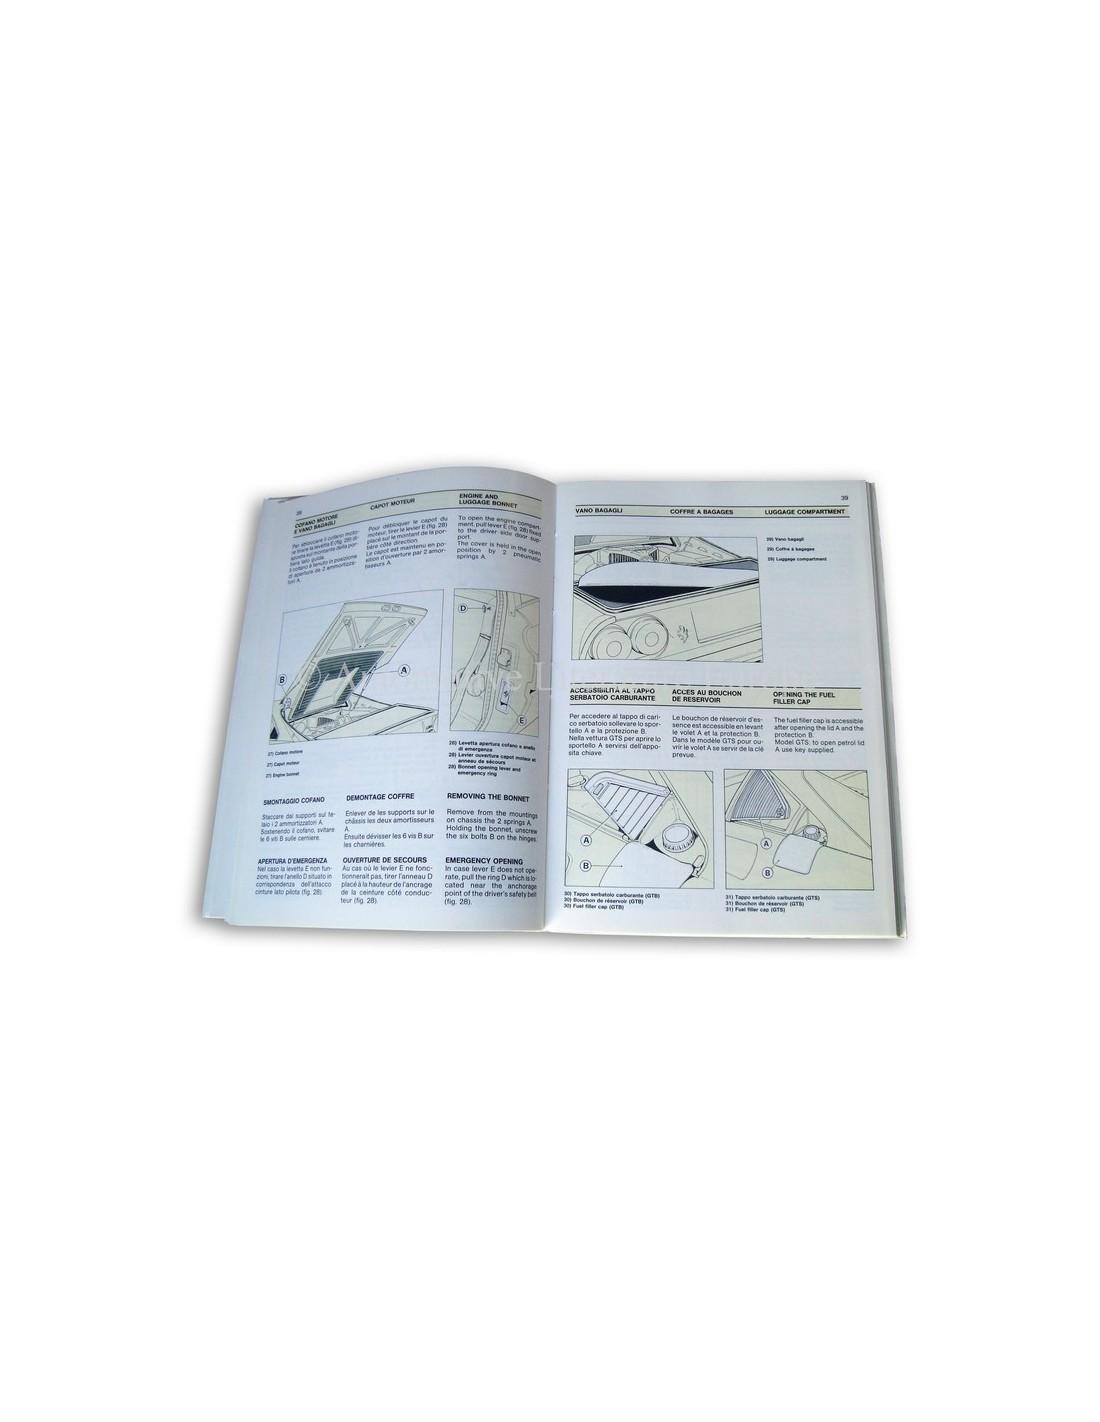 Ferrari Repair Manuals: 1988 FERRARI TURBO GTB & GTS OWNERS MANUAL 494/88